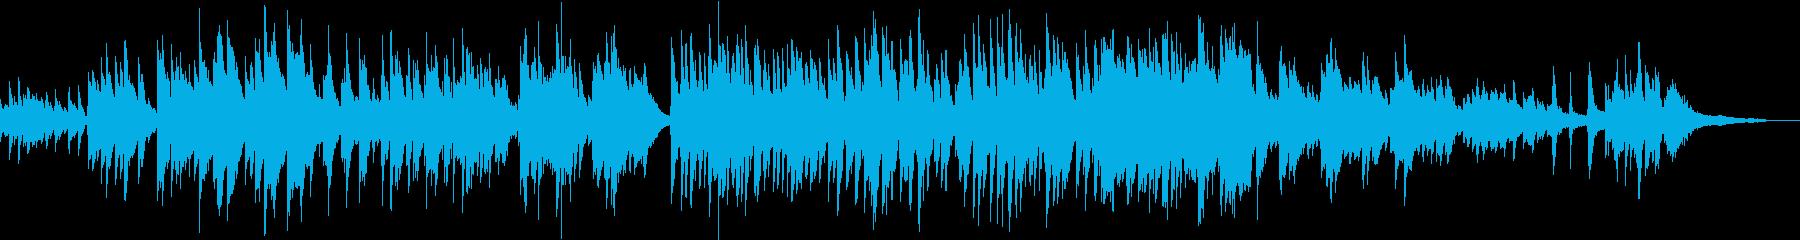 【ピアノバラード】綺麗で明るめ感動系PVの再生済みの波形